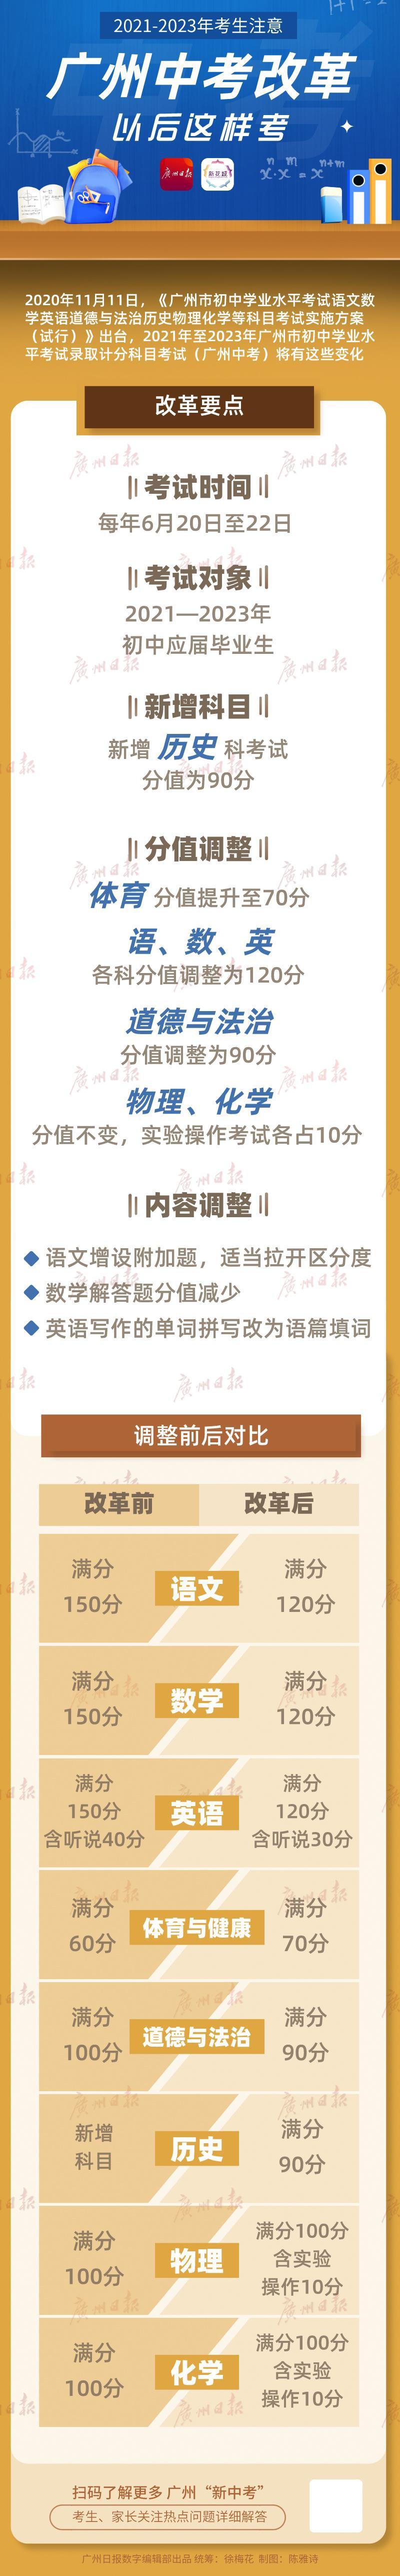 """广州""""新中考""""方案公布:新增历史科 体育分值提高至70分图片"""